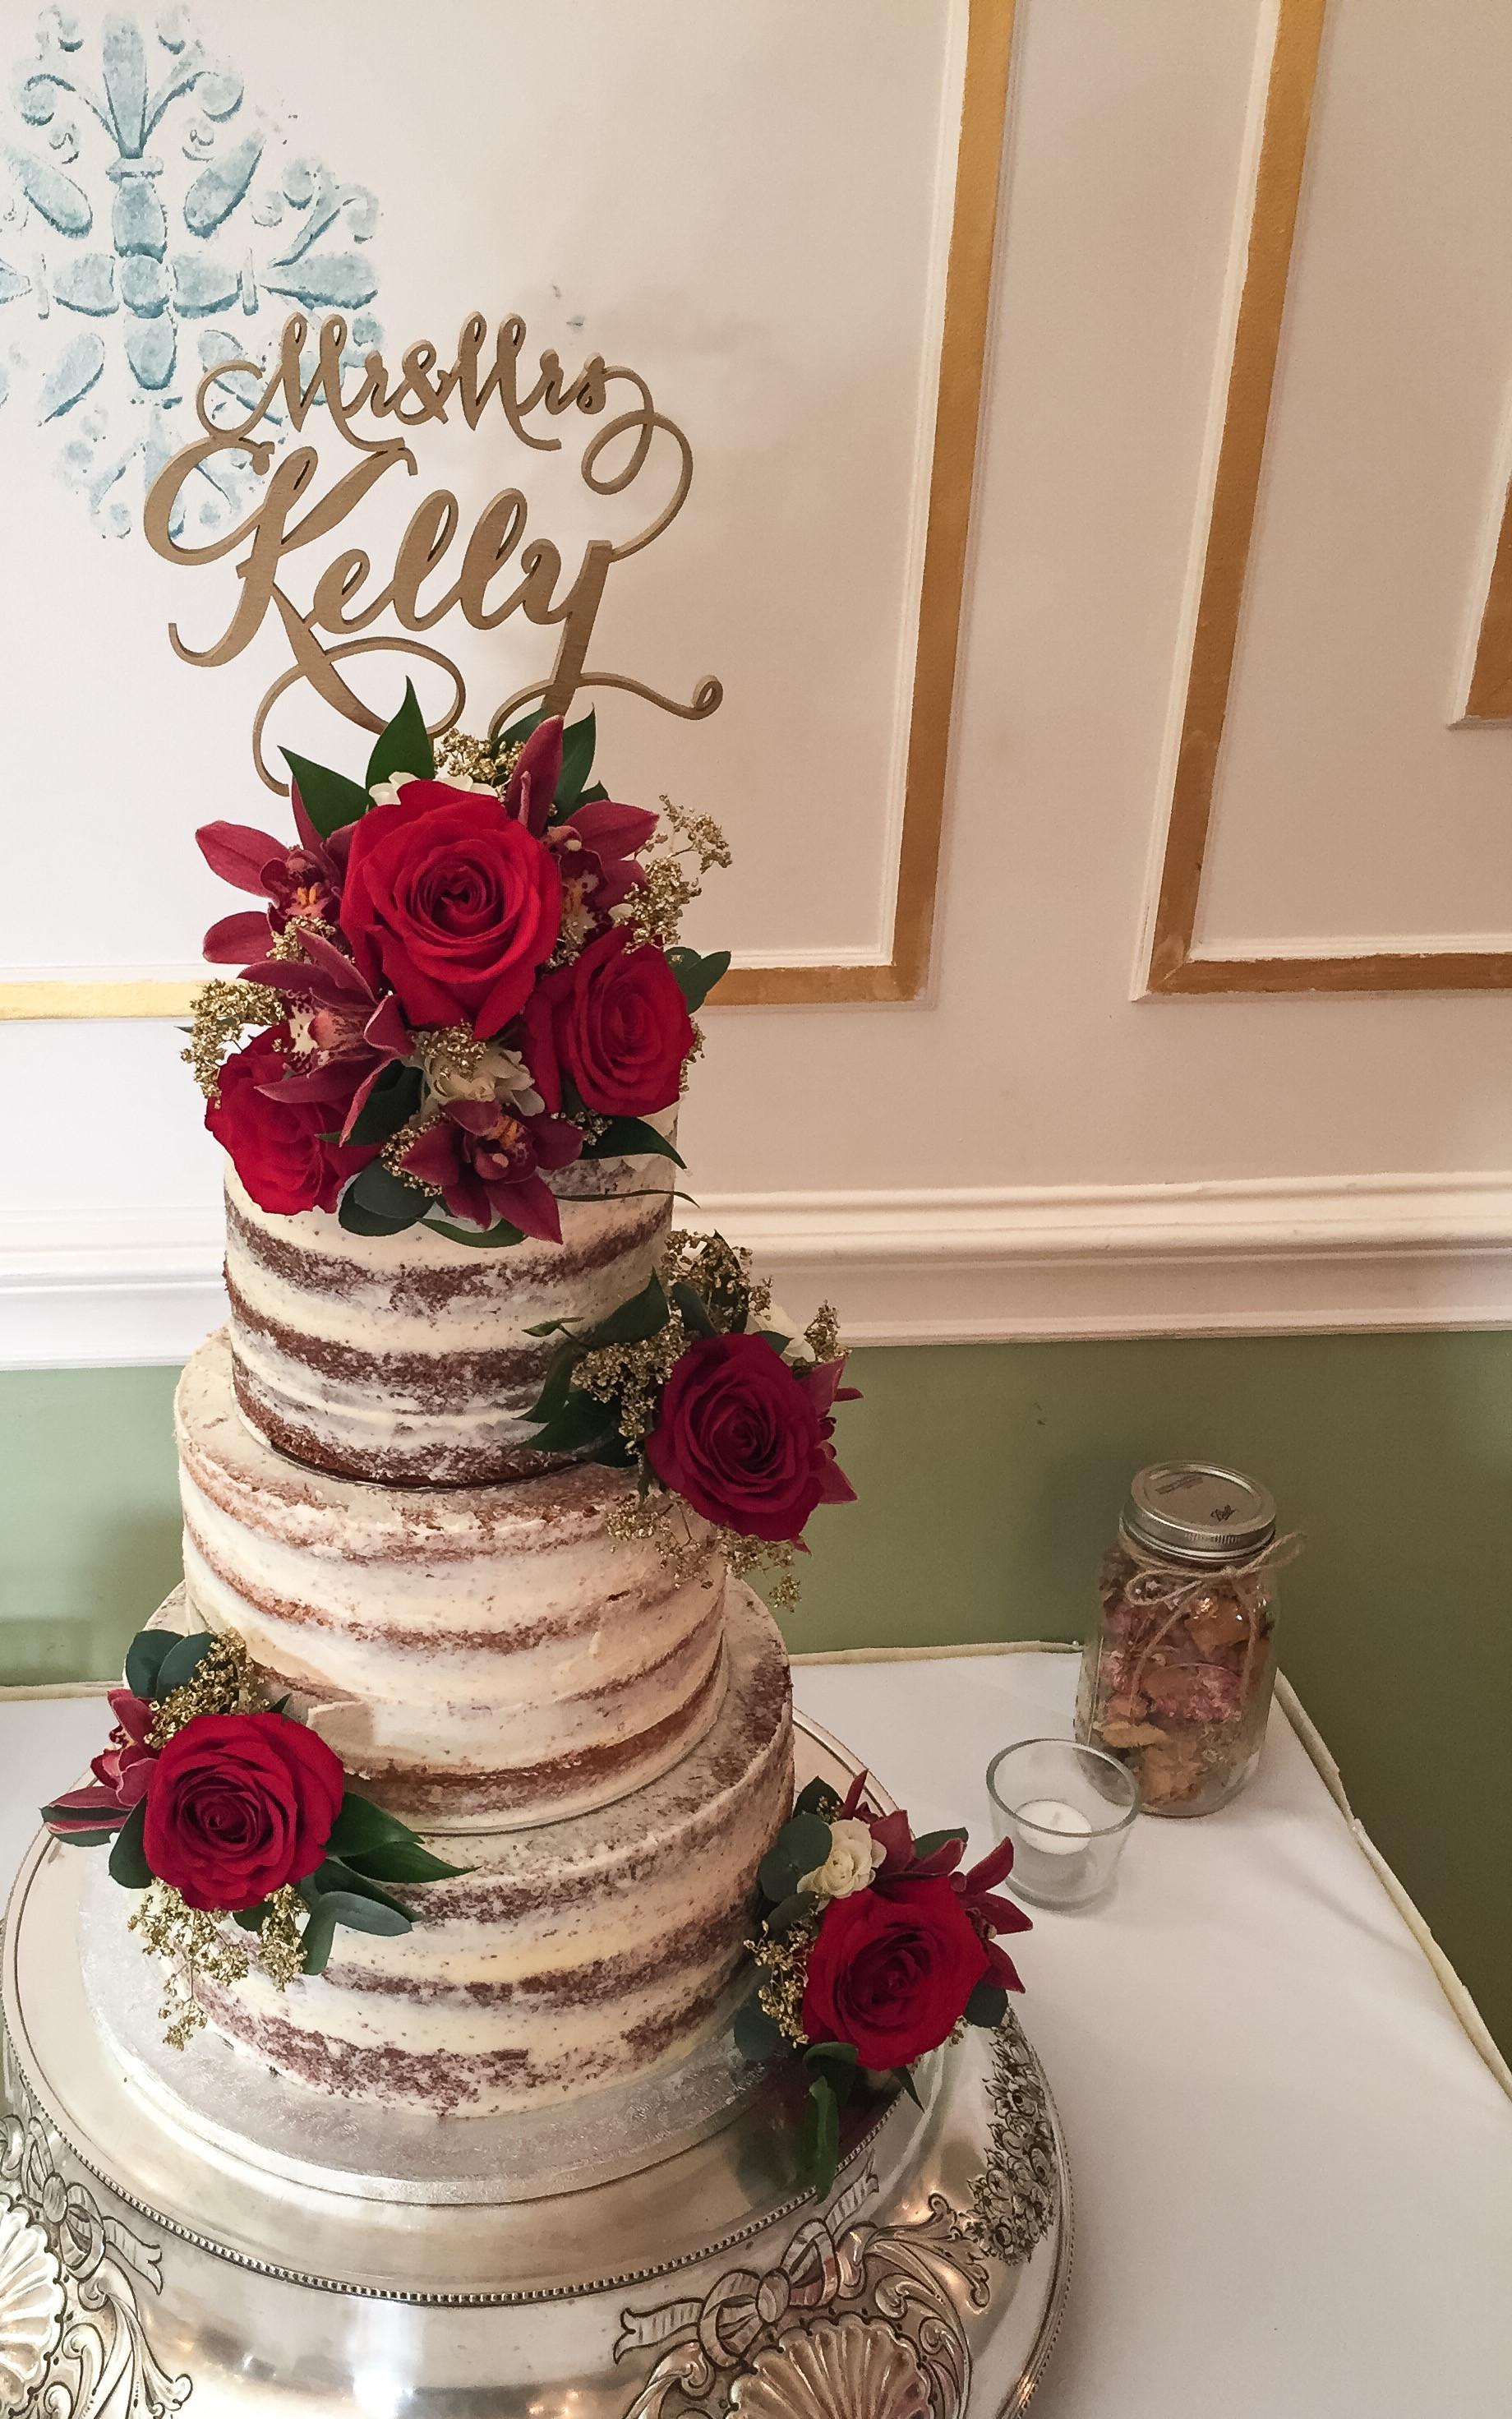 Bare Wedding Cakes  Naked & Semi Naked Wedding Cakes – Kelly Lou Cakes